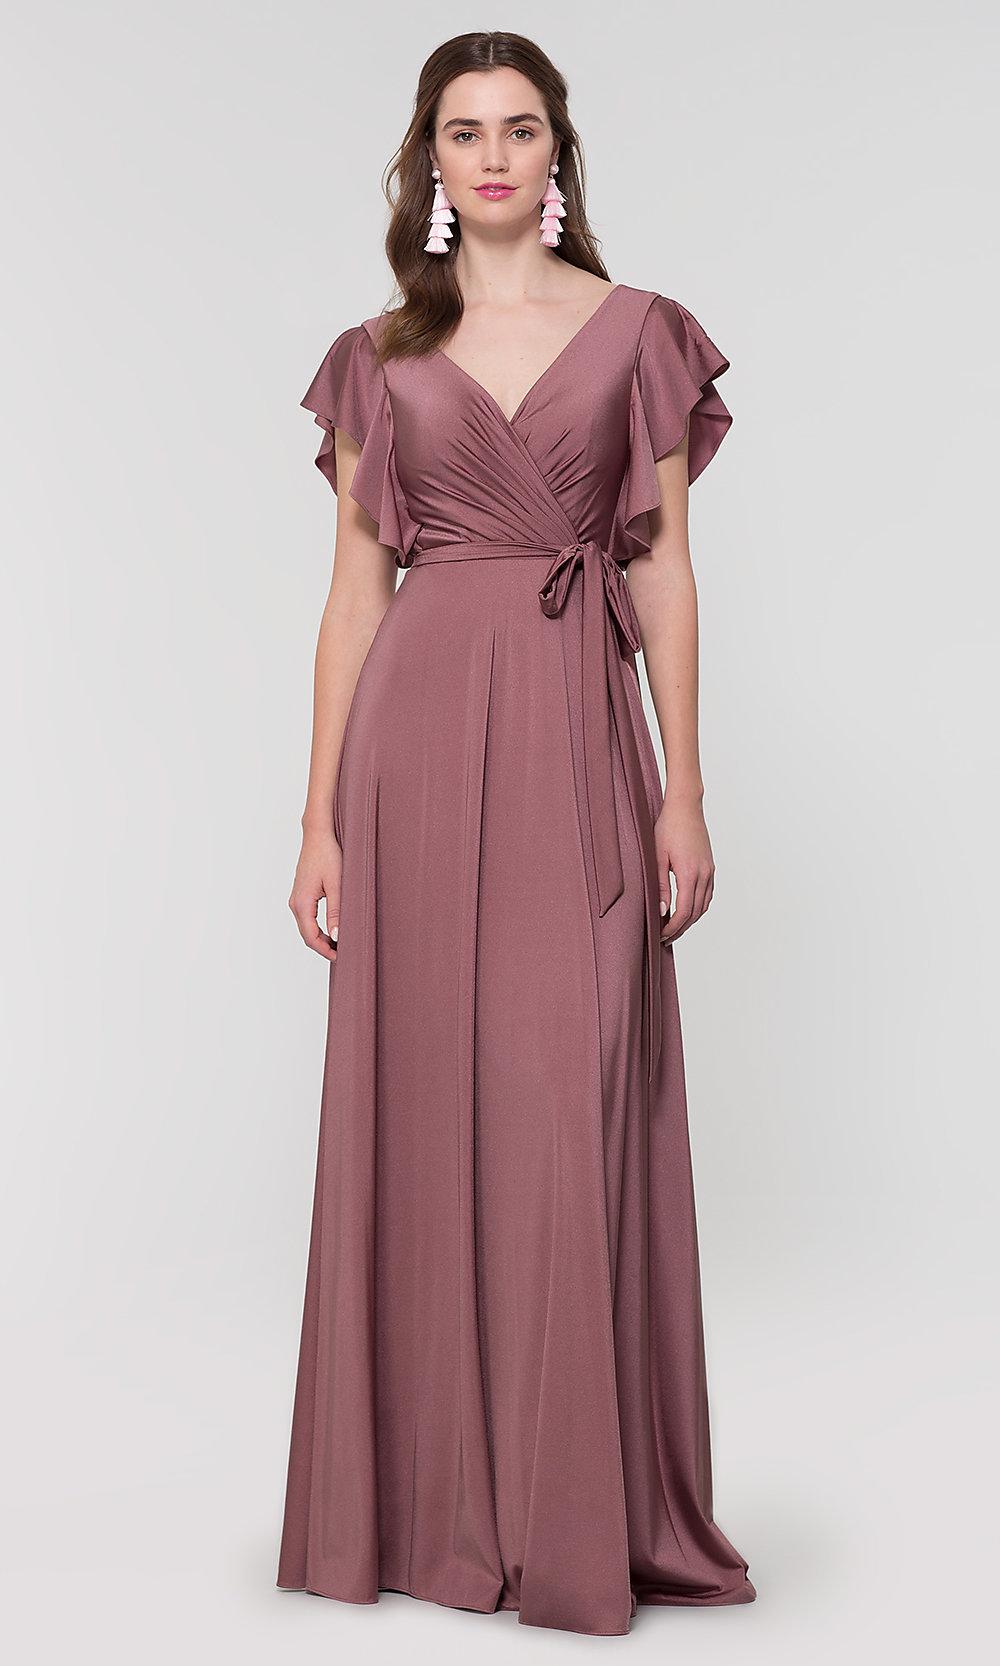 Faux Wrap Lange Jersey Brautjungfer Kleid Von Kleinfeld Brautjungfernkleid Armel Brautjungfern Kleider Kleid Mit Armel